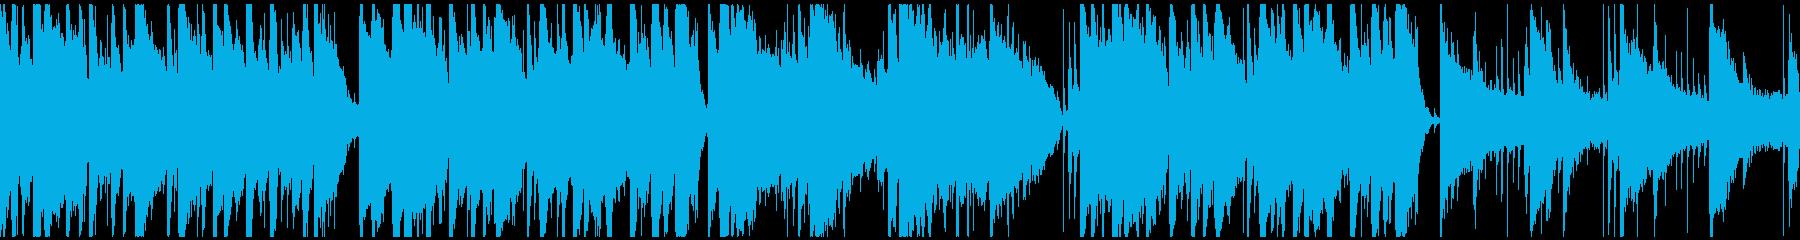 暖かみのあるマンドリンのフォークソングの再生済みの波形